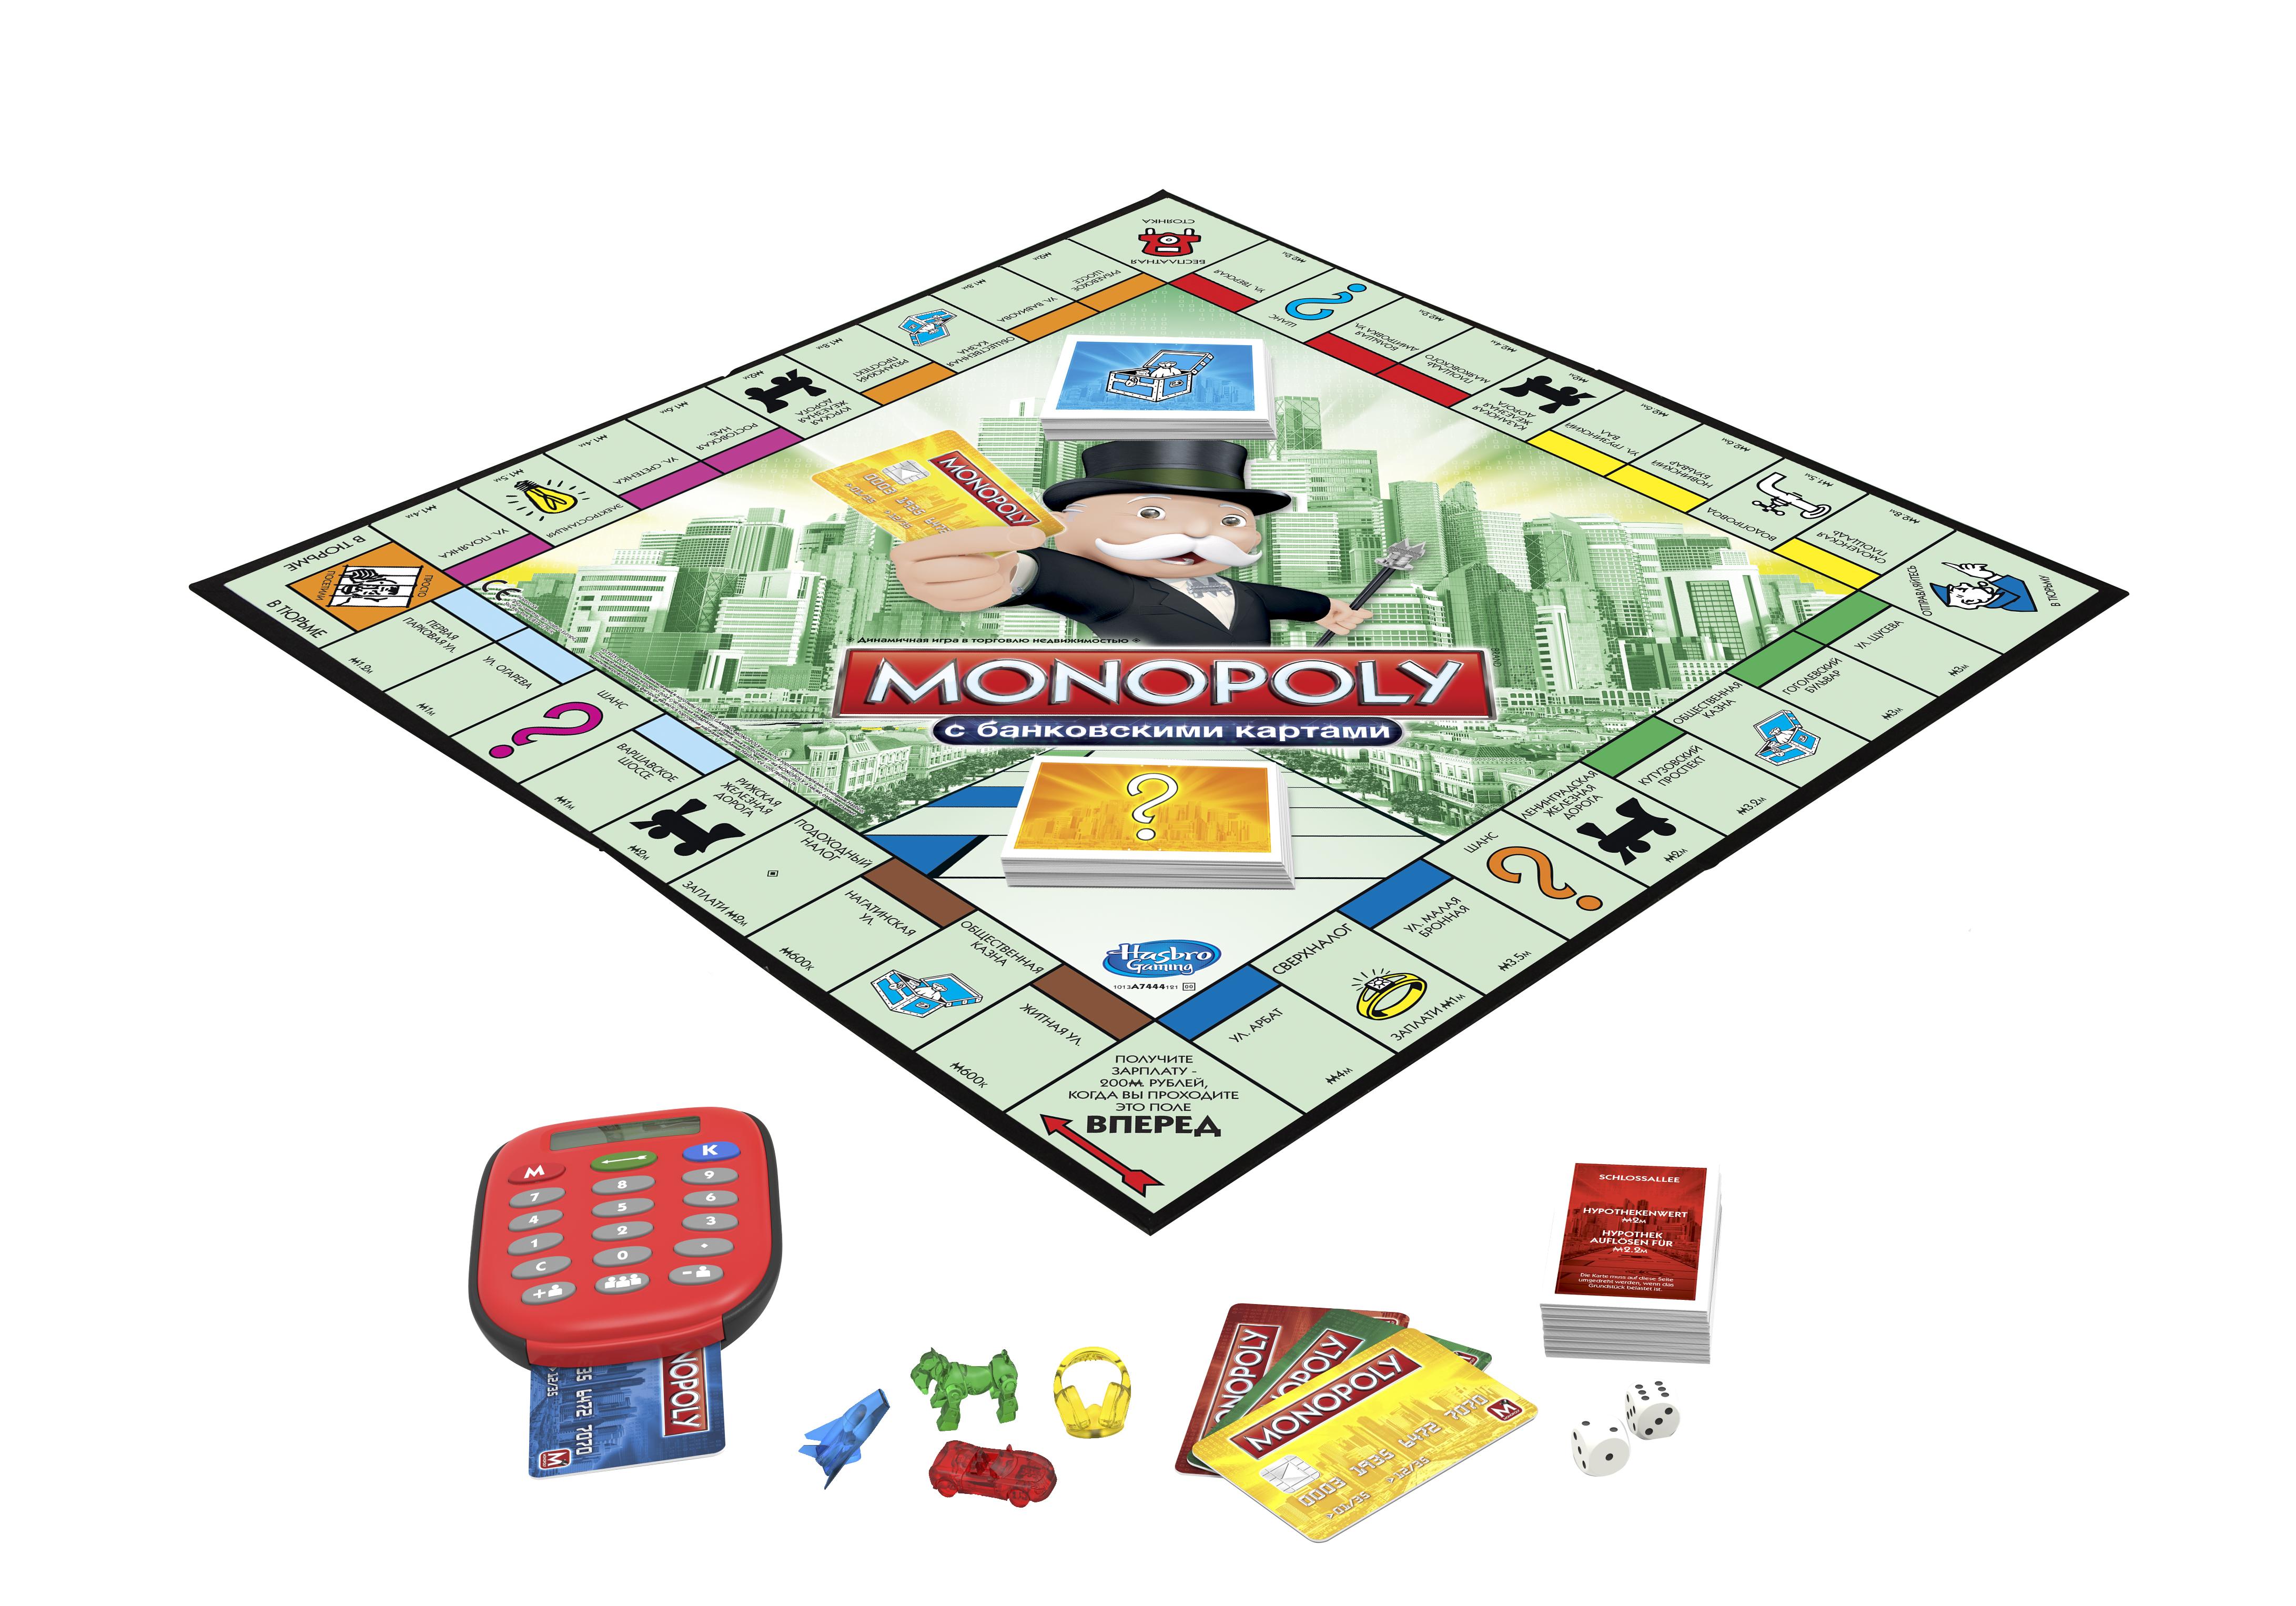 Экономическая настольная игра монополия с банковскими картами a7444